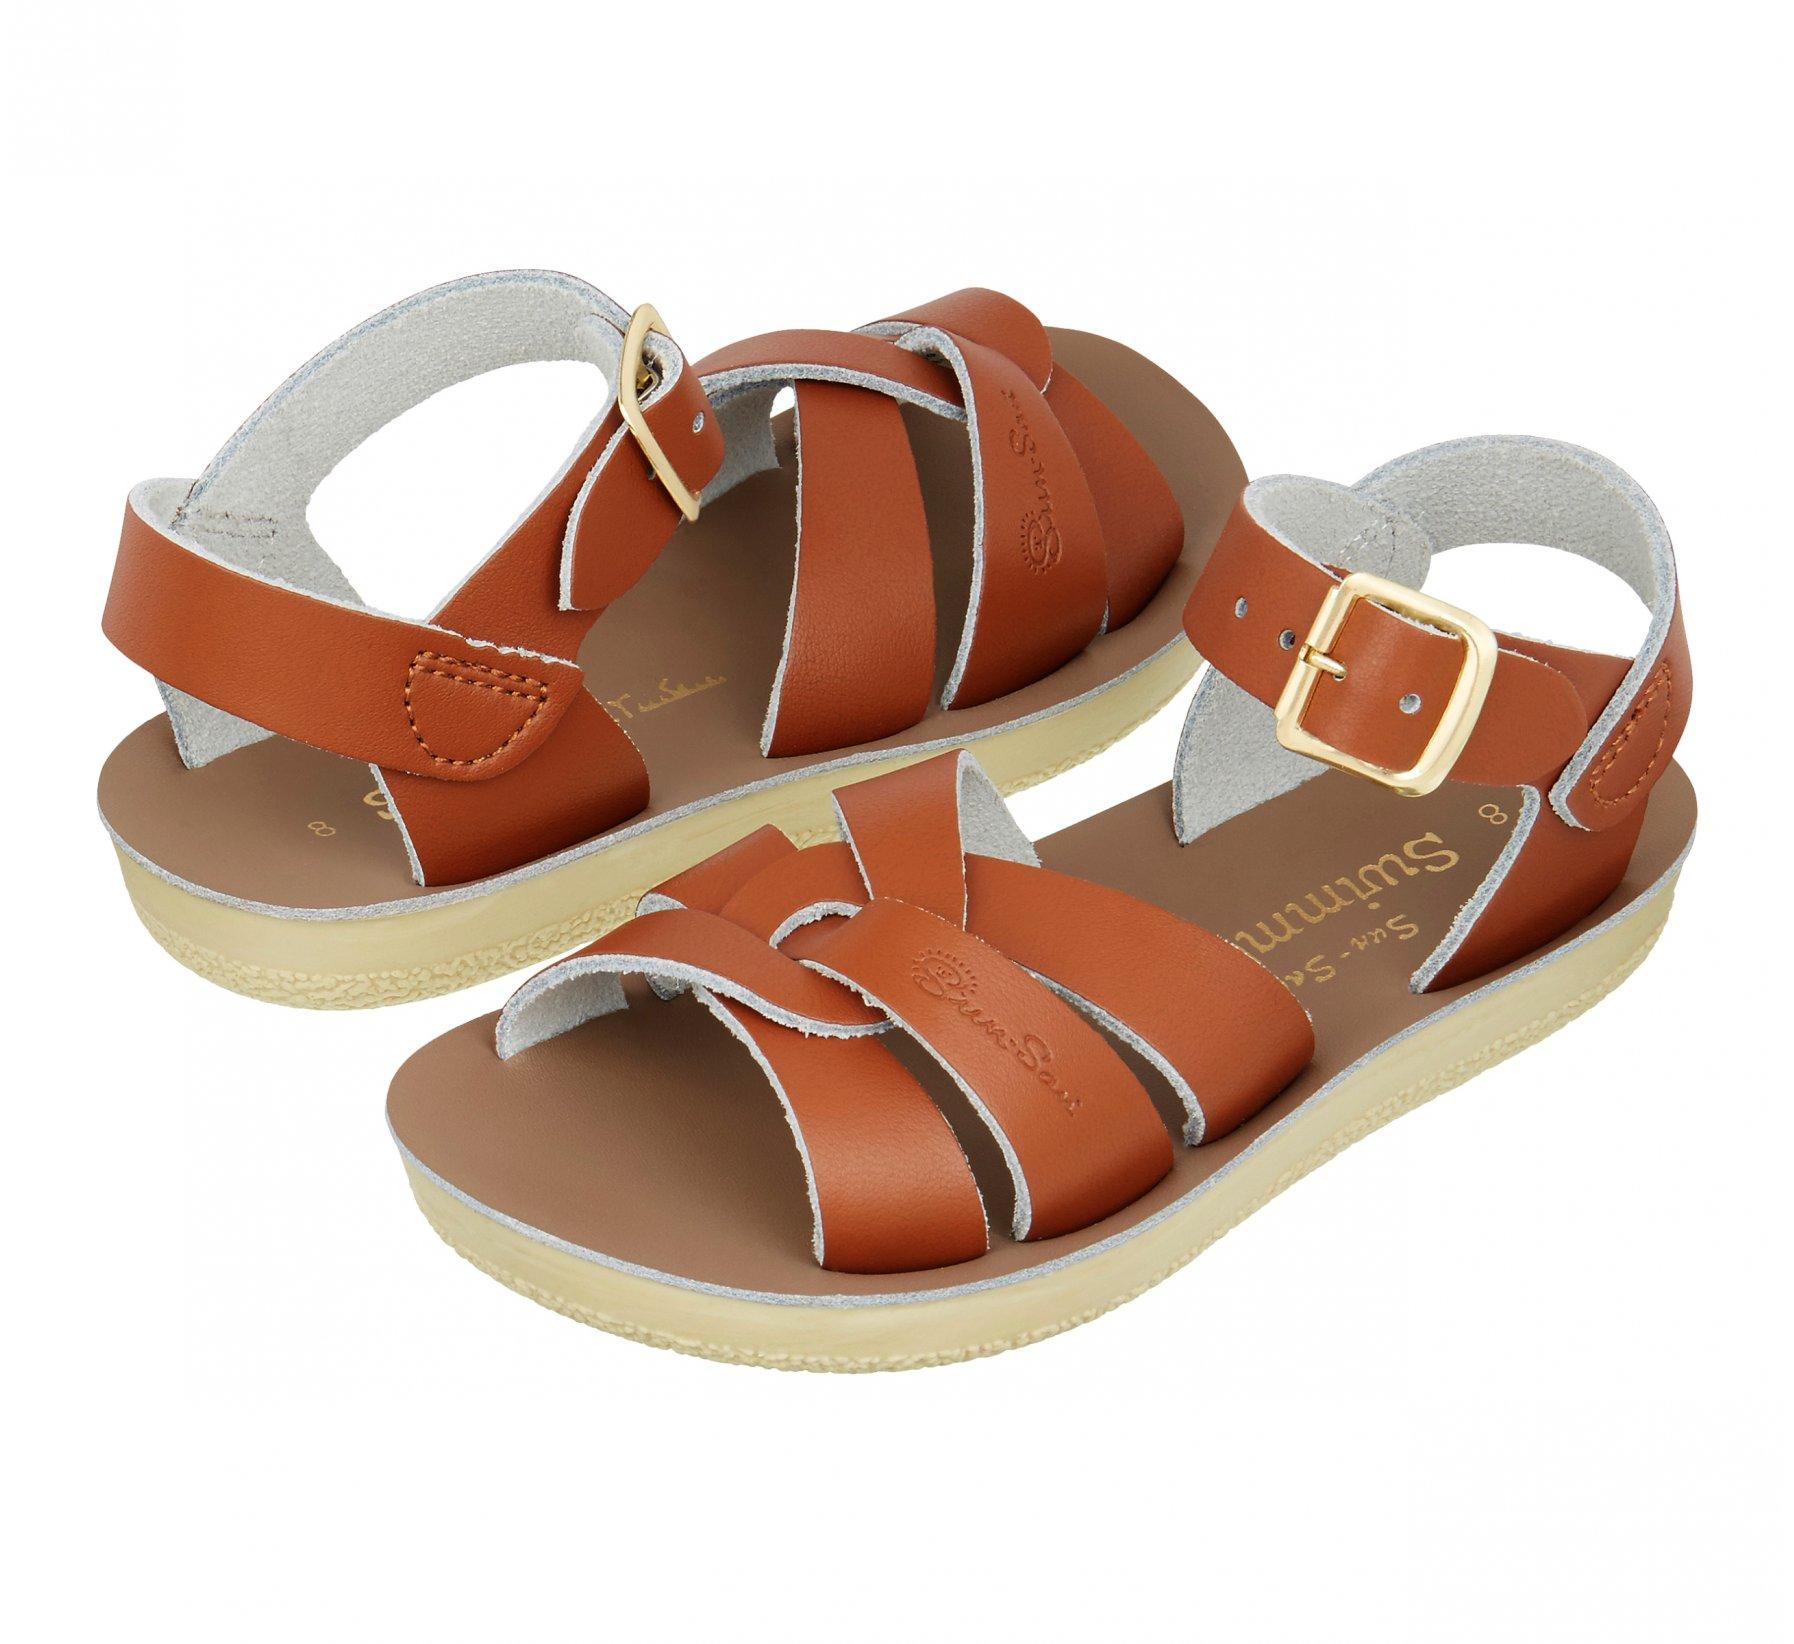 Swimmer Brun Roux - Salt Water Sandals